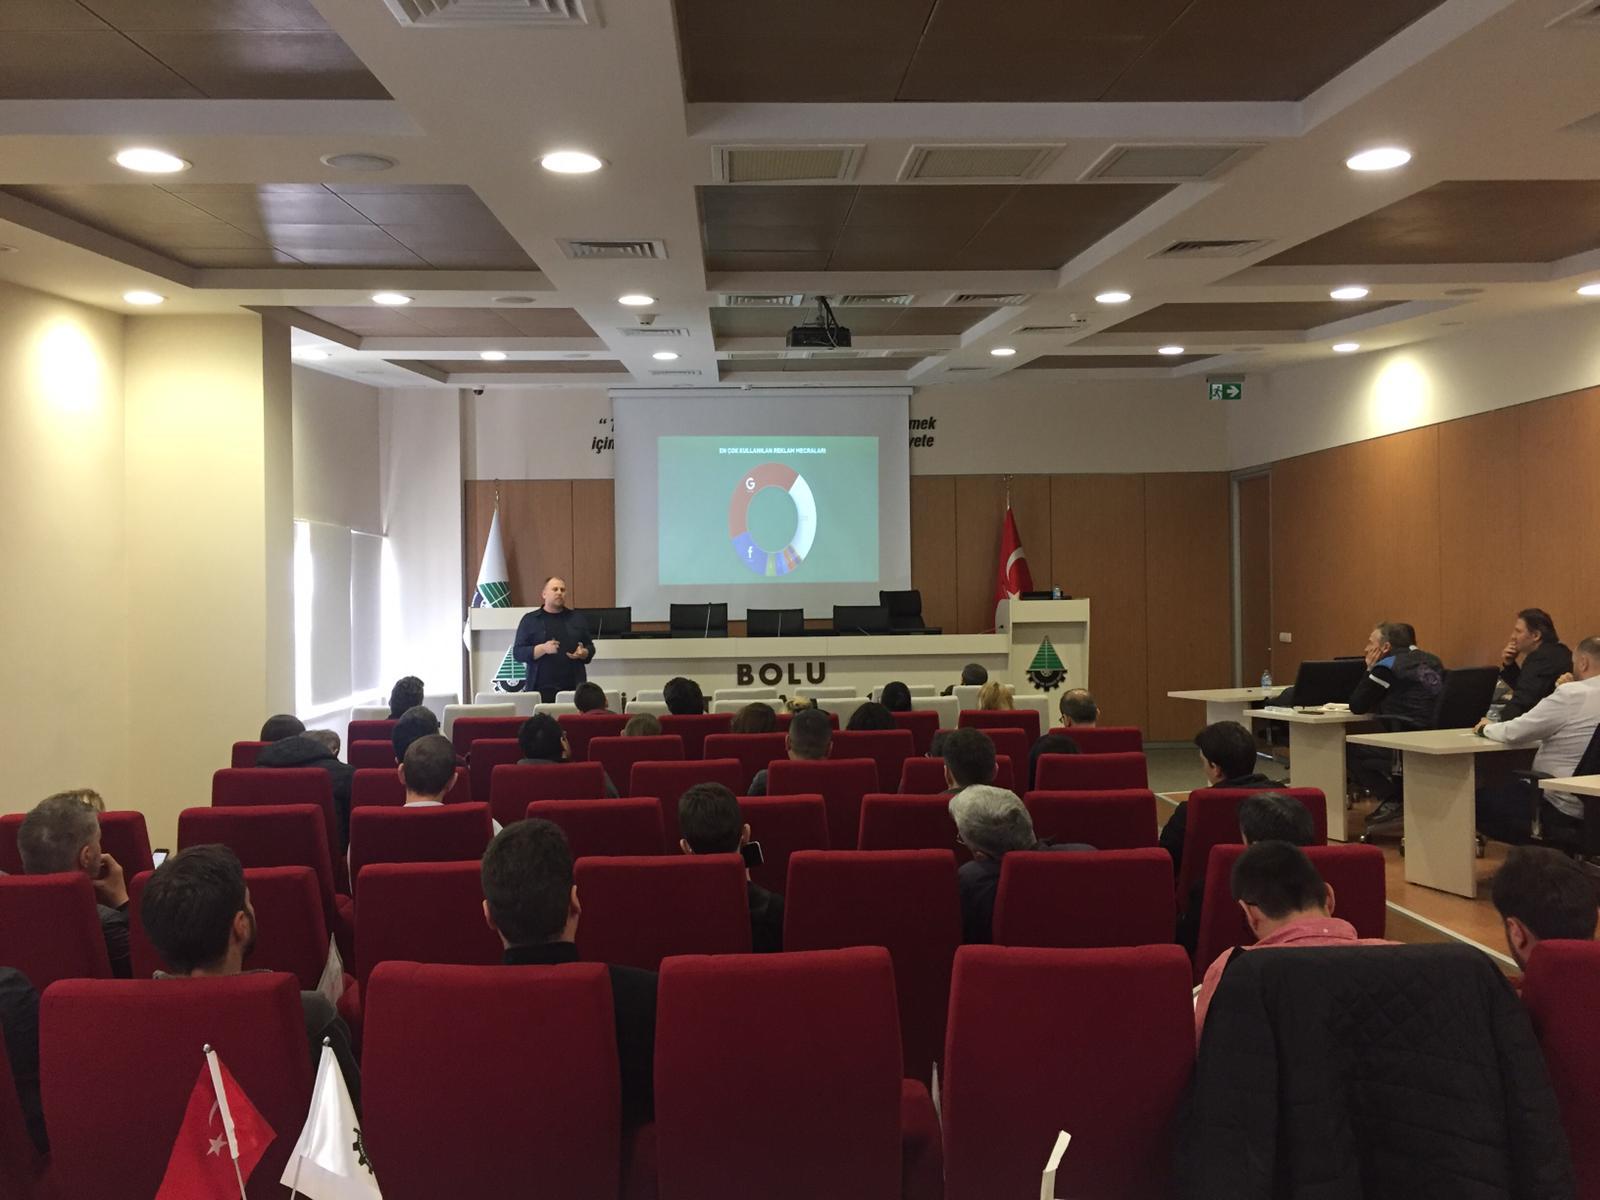 Görkem Özdemir, Bolu Ticaret ve Sanayi Odası'nda IdeaSoft hakkında bilgilendirmelerde bulundu.